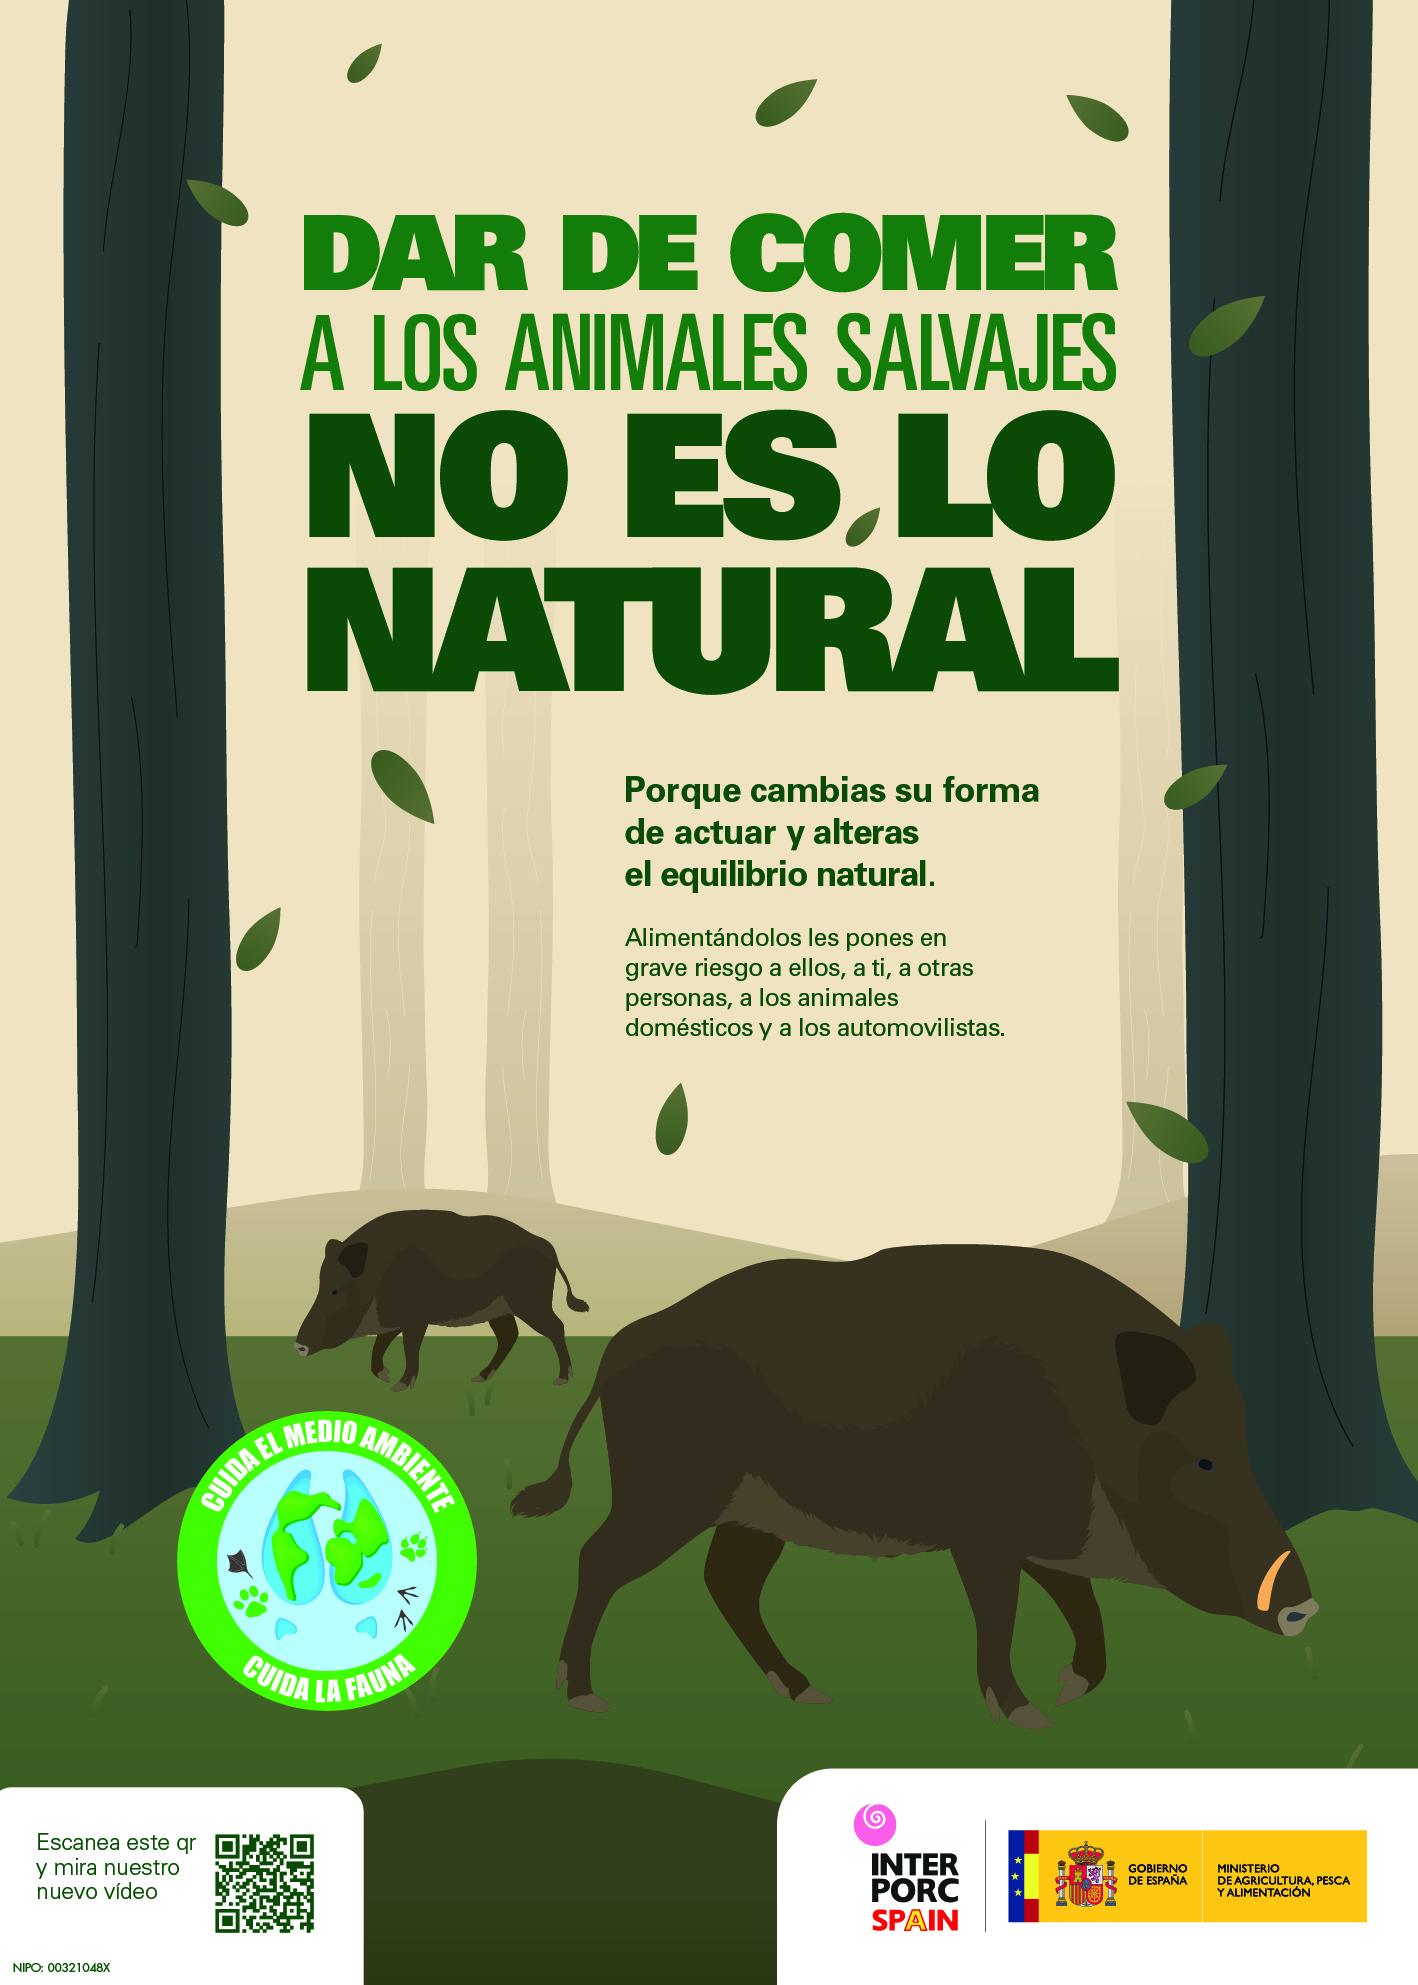 Campaña alimentación animales silvestres